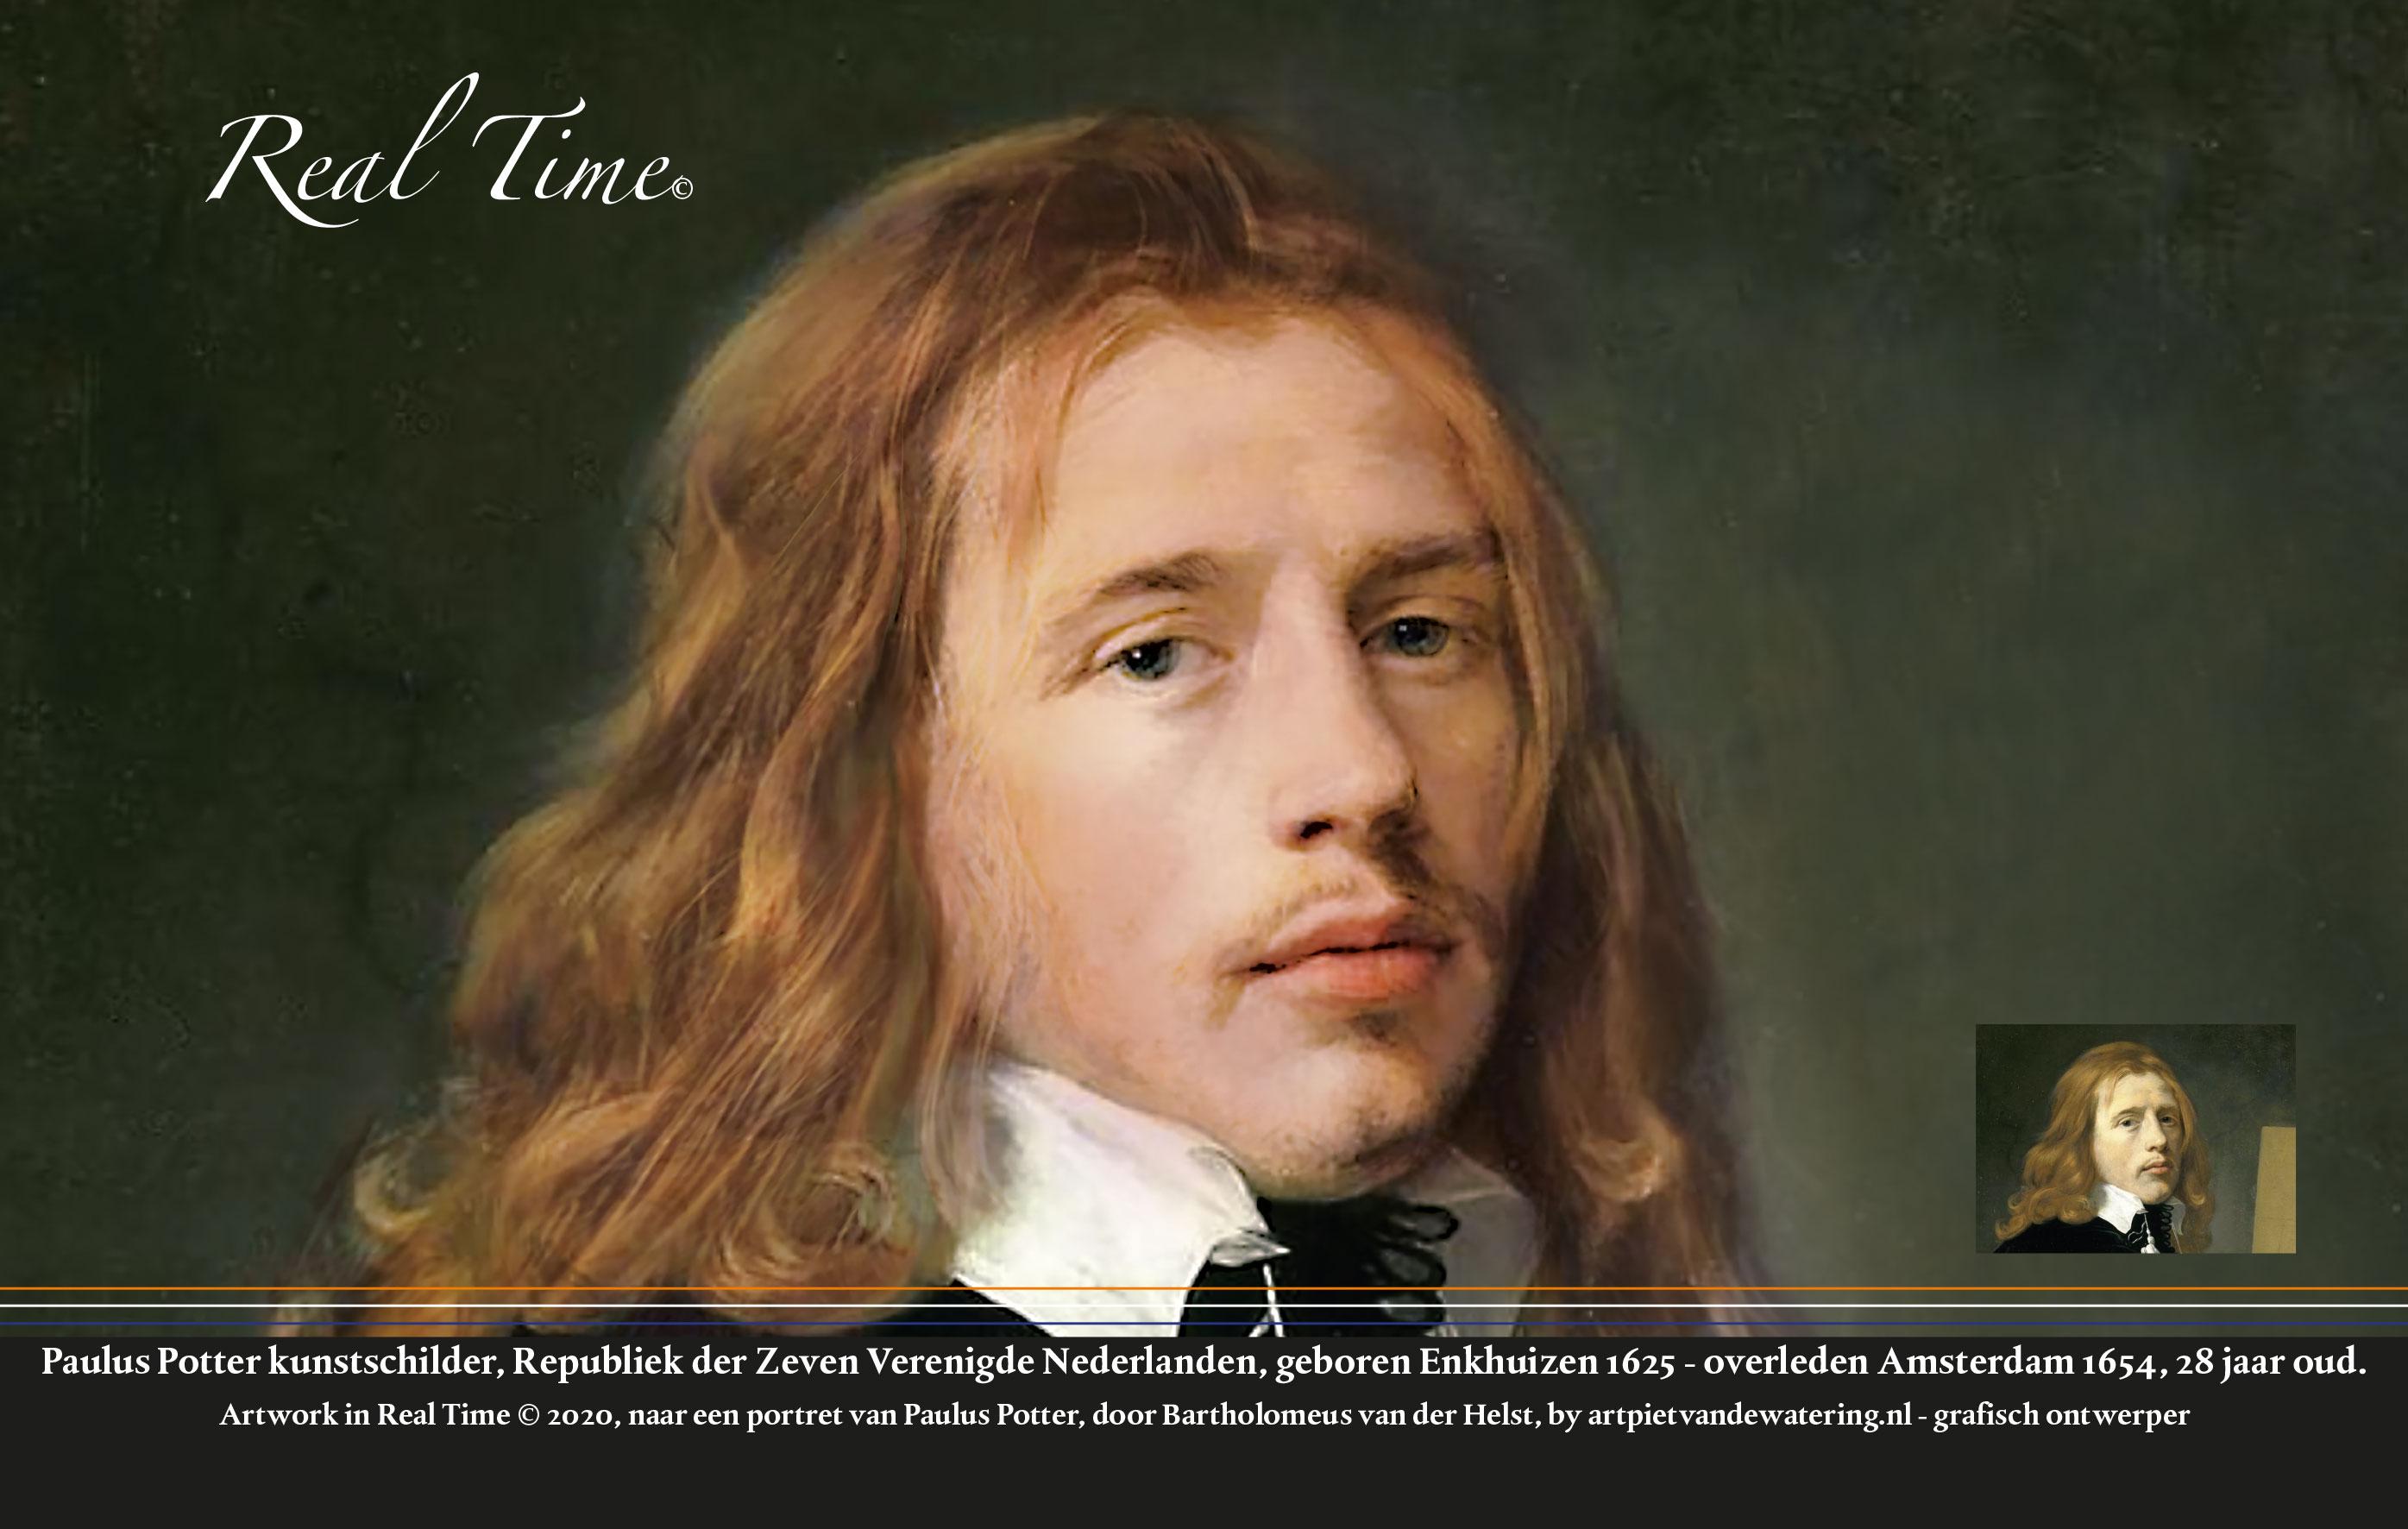 Paulus-Potter-1625-1654